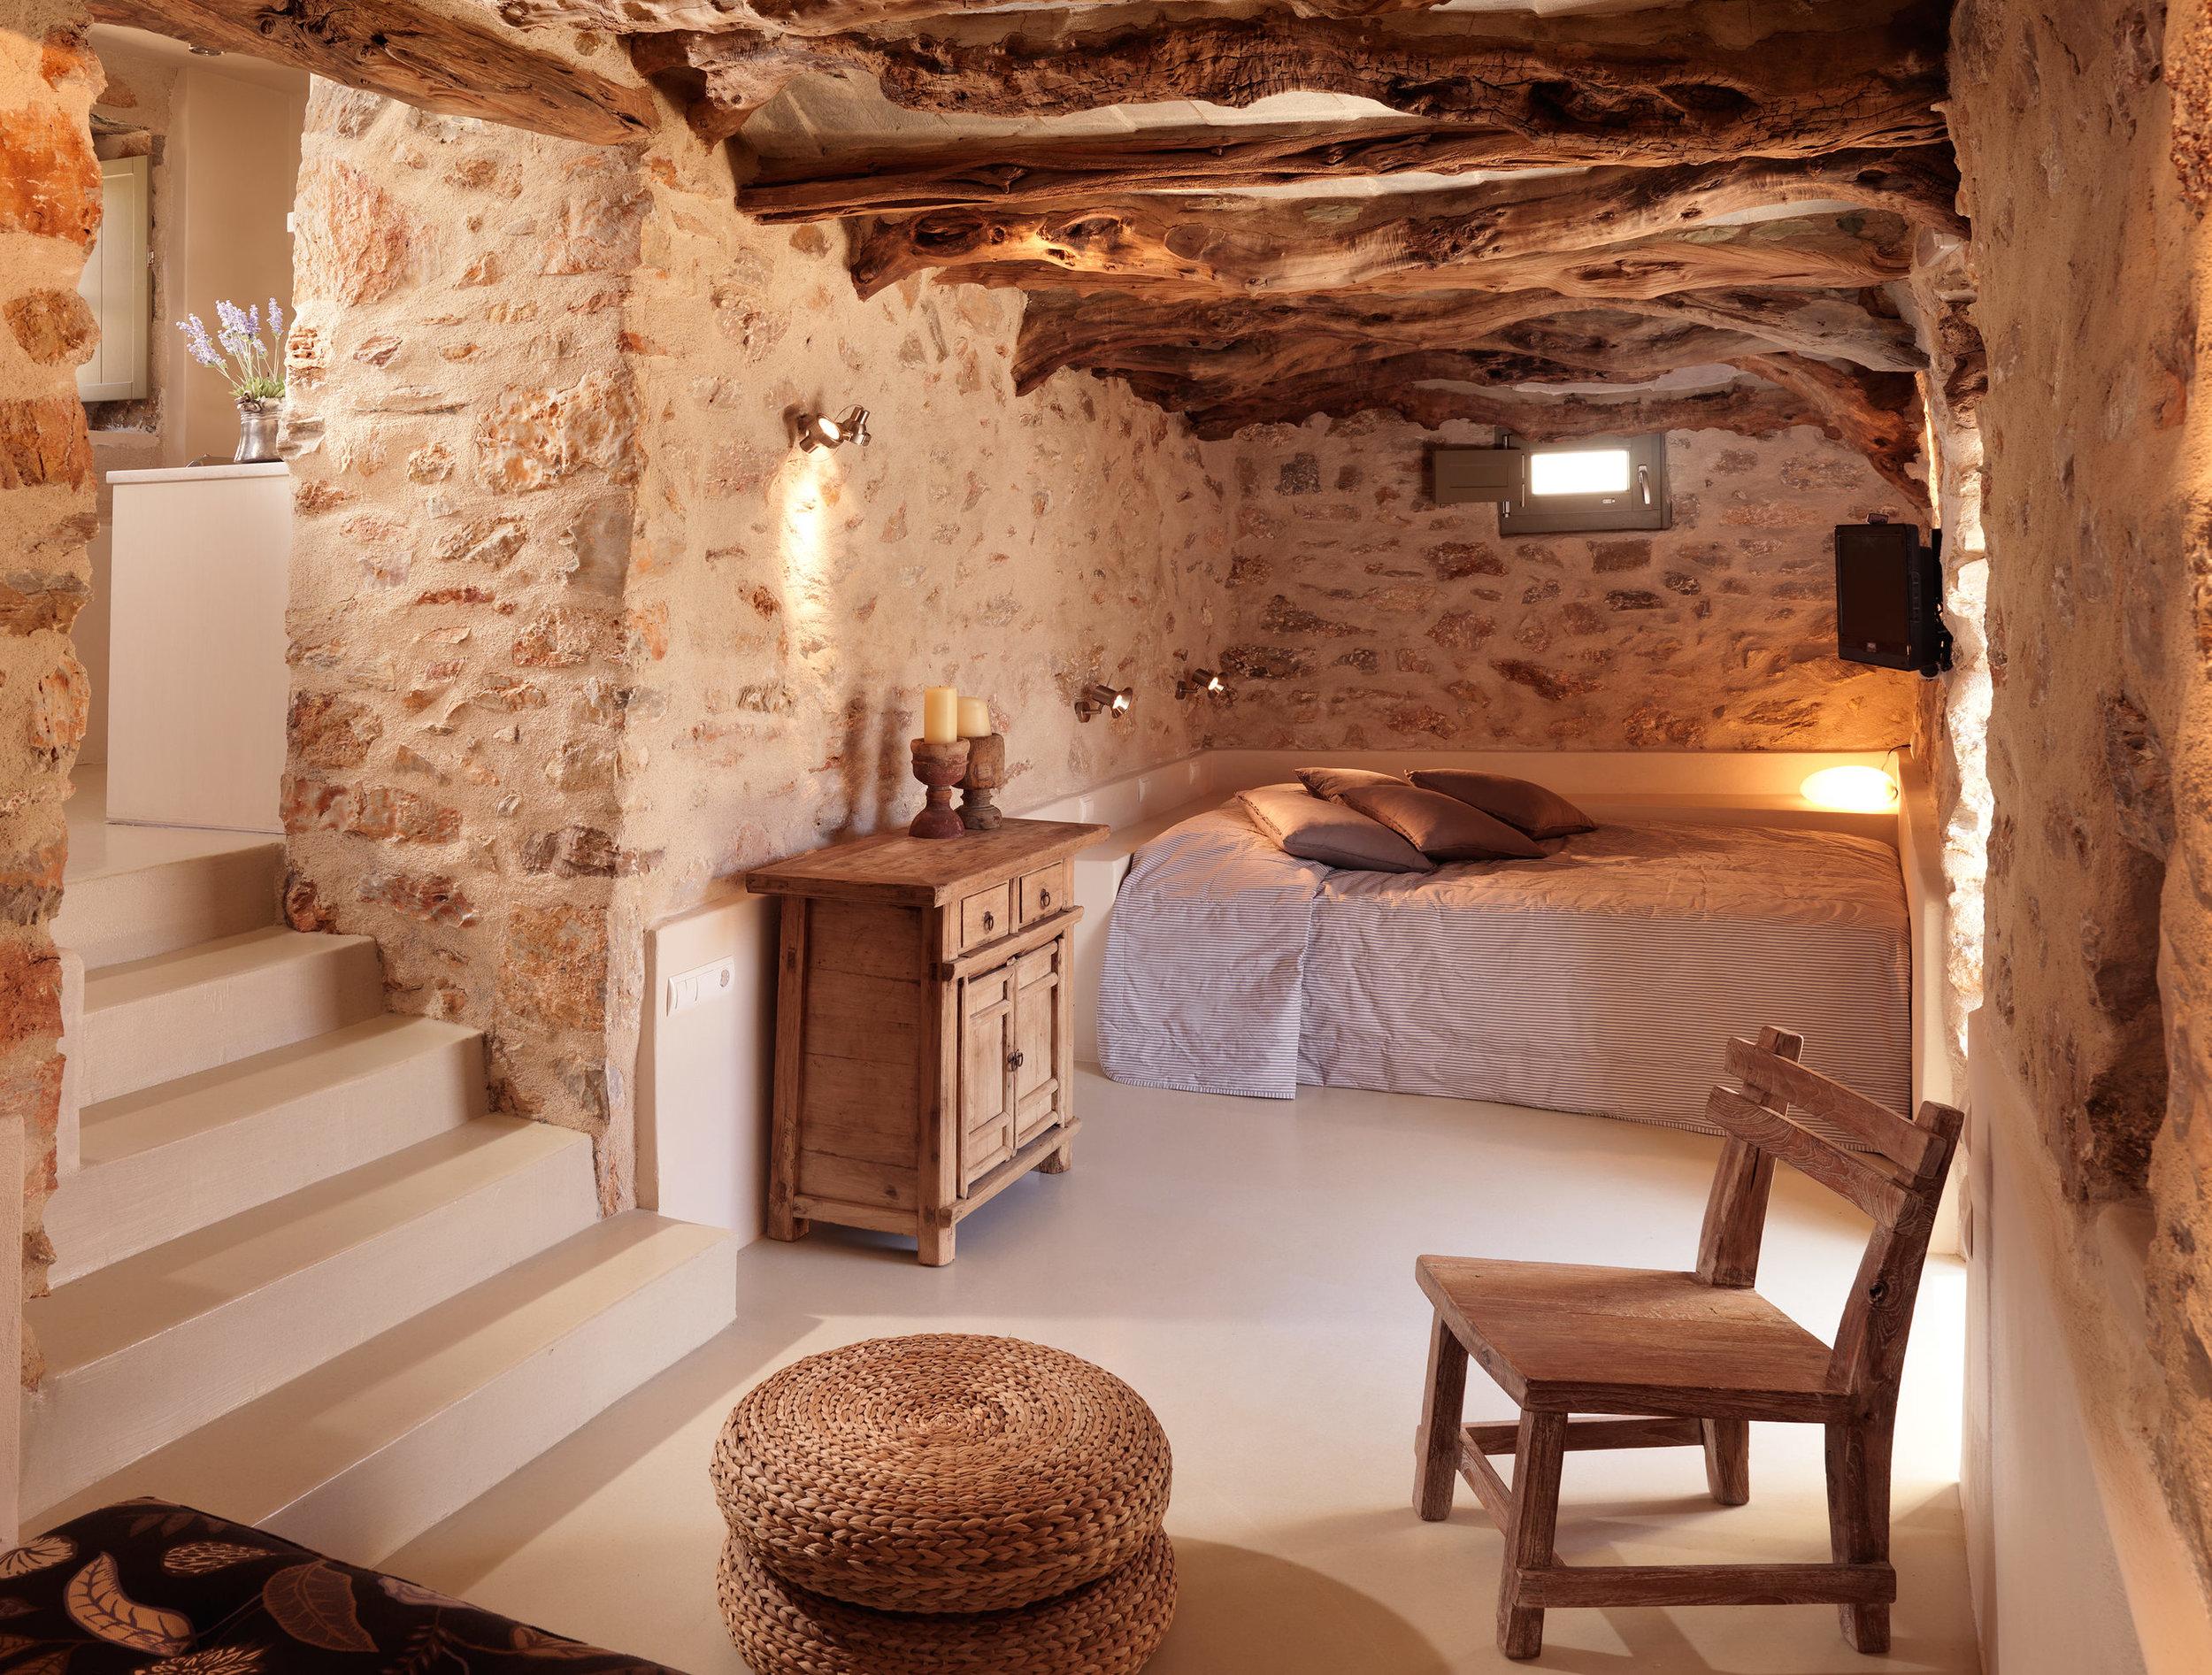 5.Themonies Luxury Suites-Here & Away.jpg